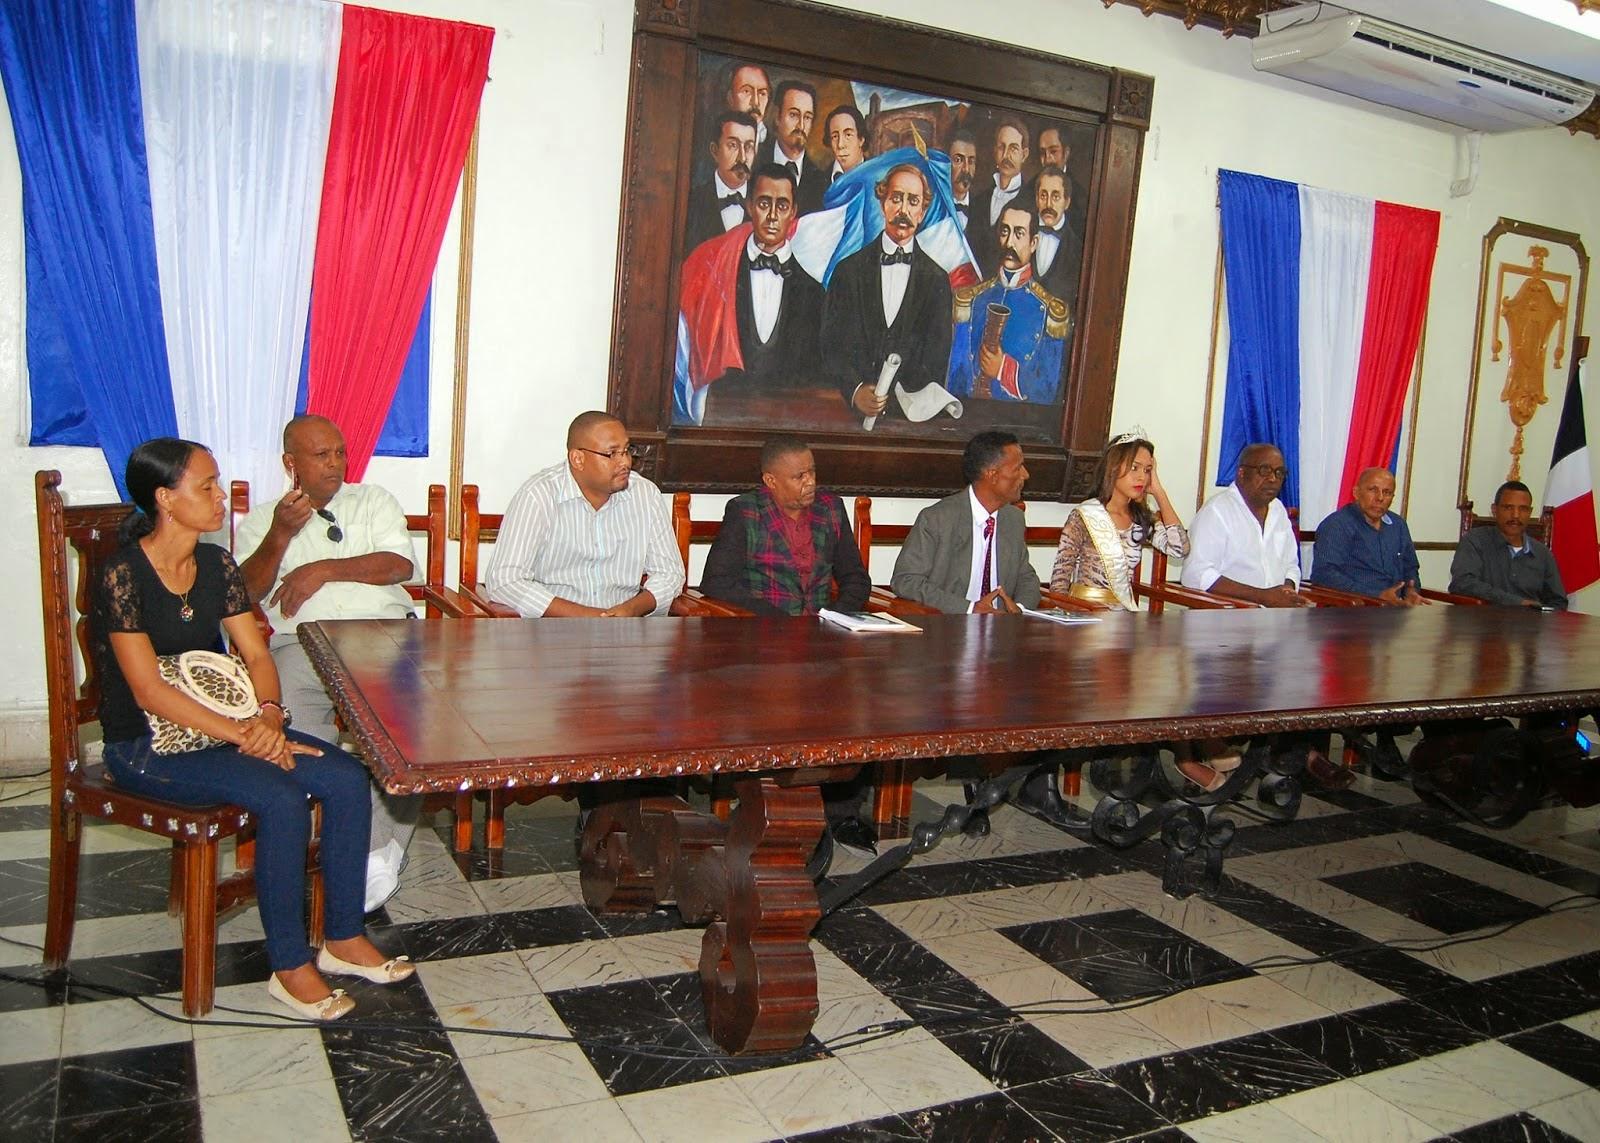 Mesa de honor, durante la puesta en circulación en S.P.M del libro de poemas VERSOS LIBRES